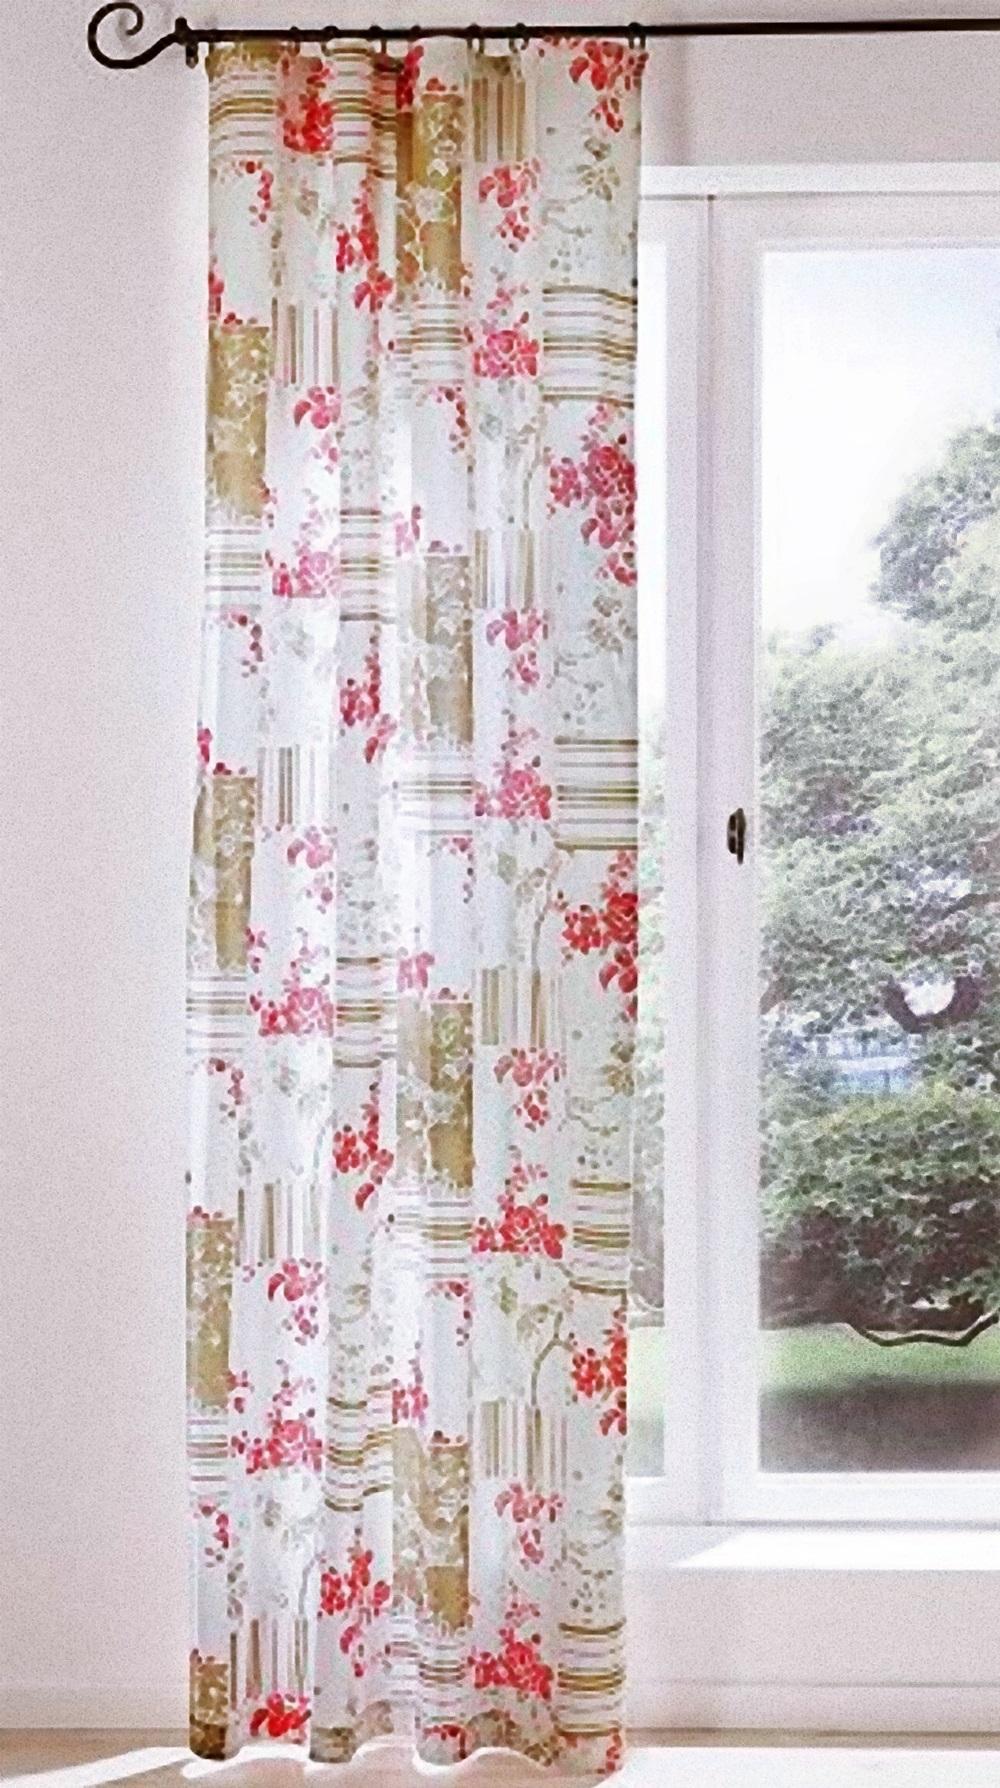 dekoschal mit kr uselband farbe weiss design rosen. Black Bedroom Furniture Sets. Home Design Ideas